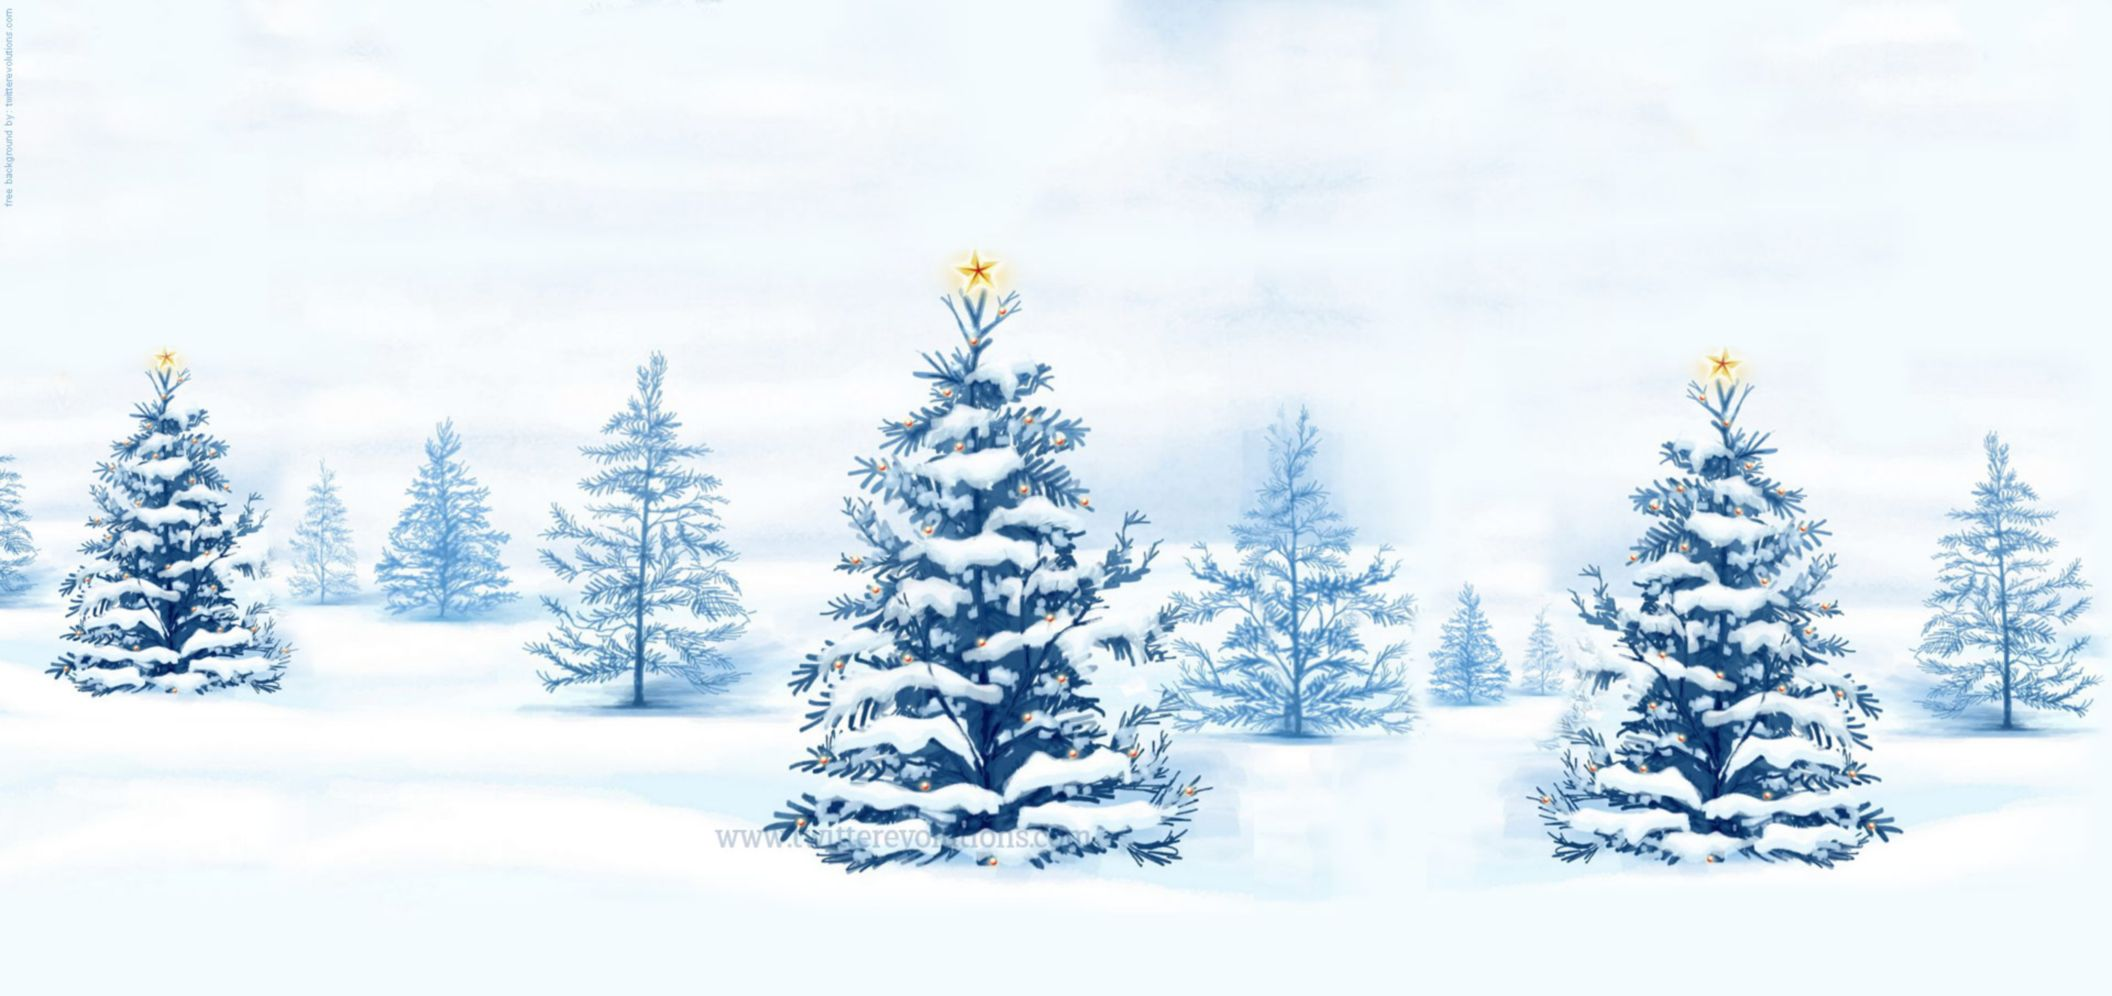 Snowy Winter Christmas Tree Wallpaper Desktop HD Wallpaper